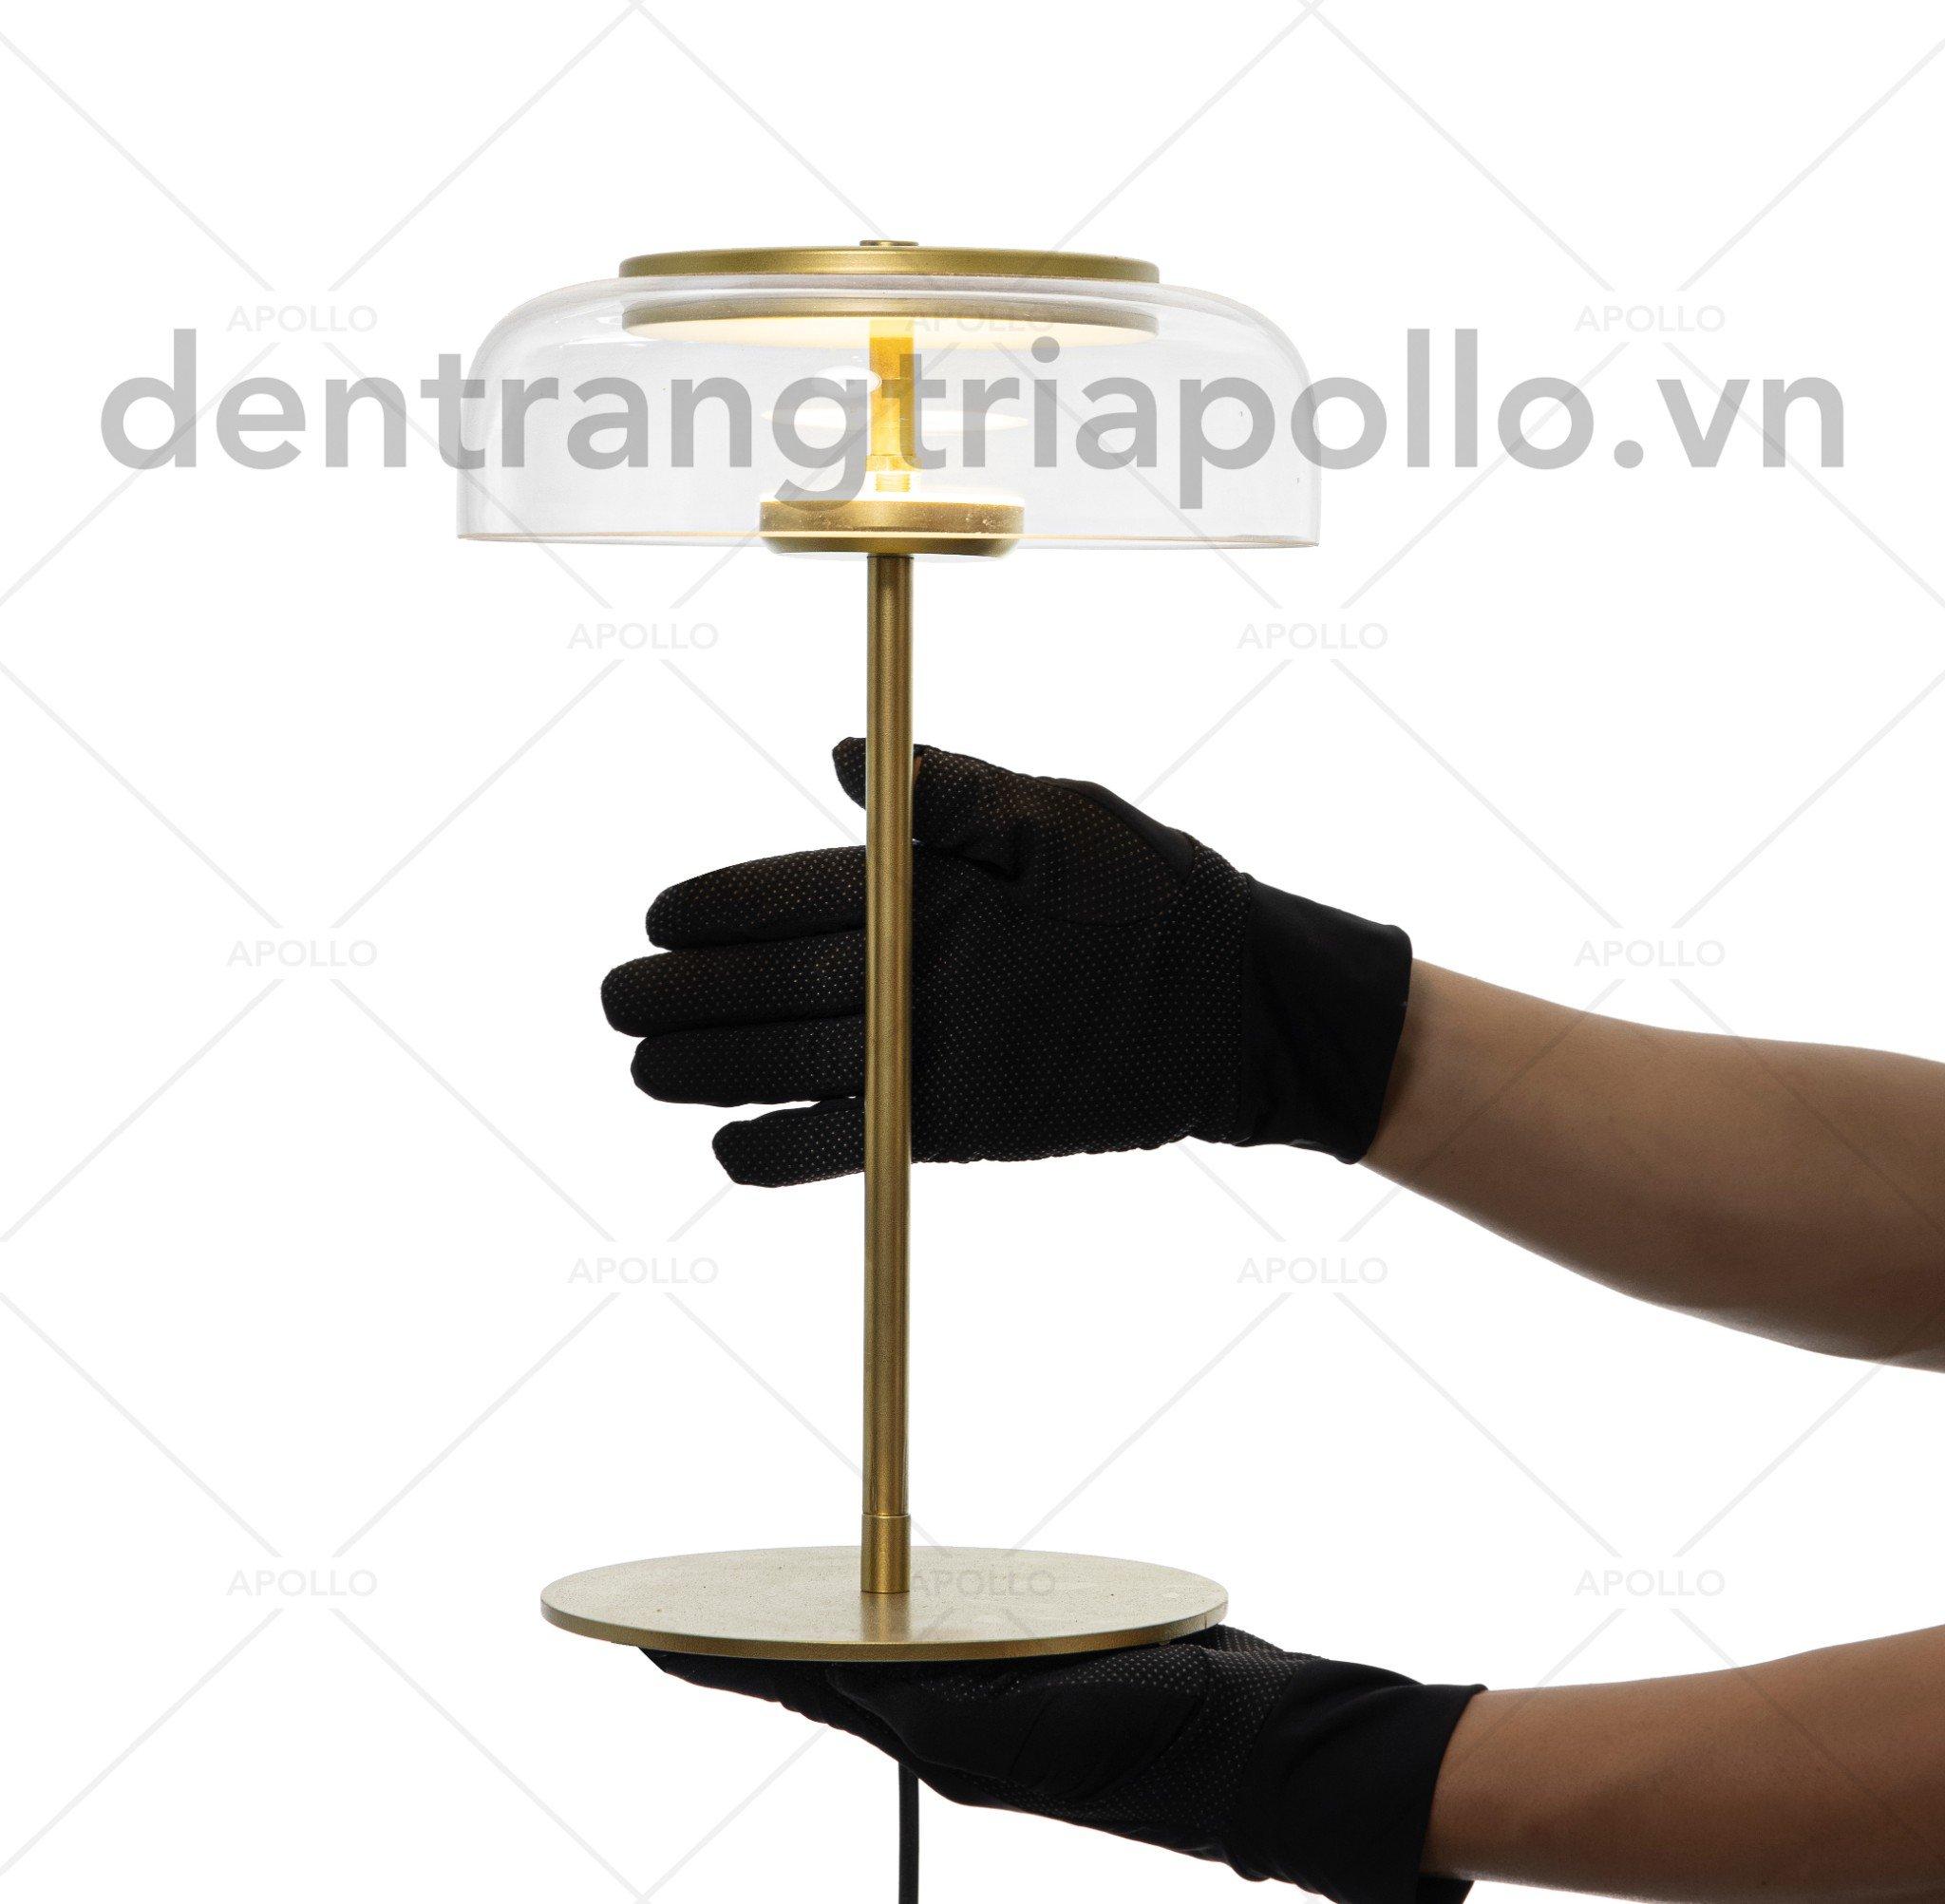 Đèn bàn thủy tinh Decor cao cấp